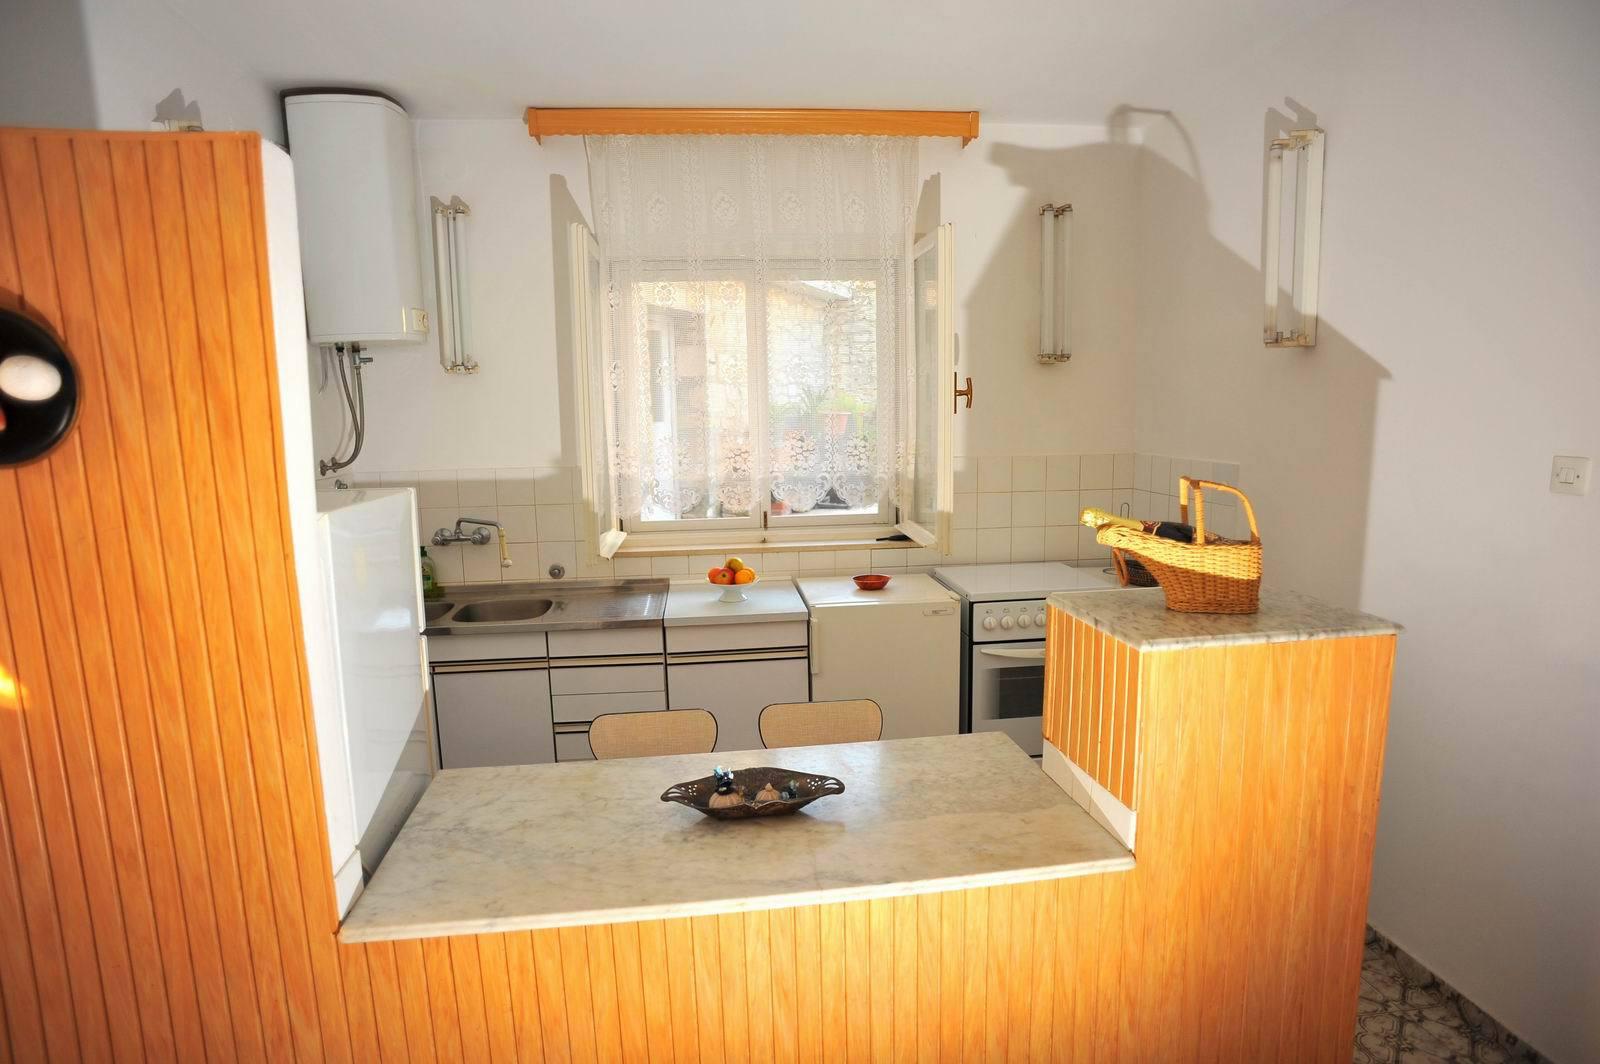 01501SUTI - Sutivan - Appartements Croatie - SA4(2+1): intérieur